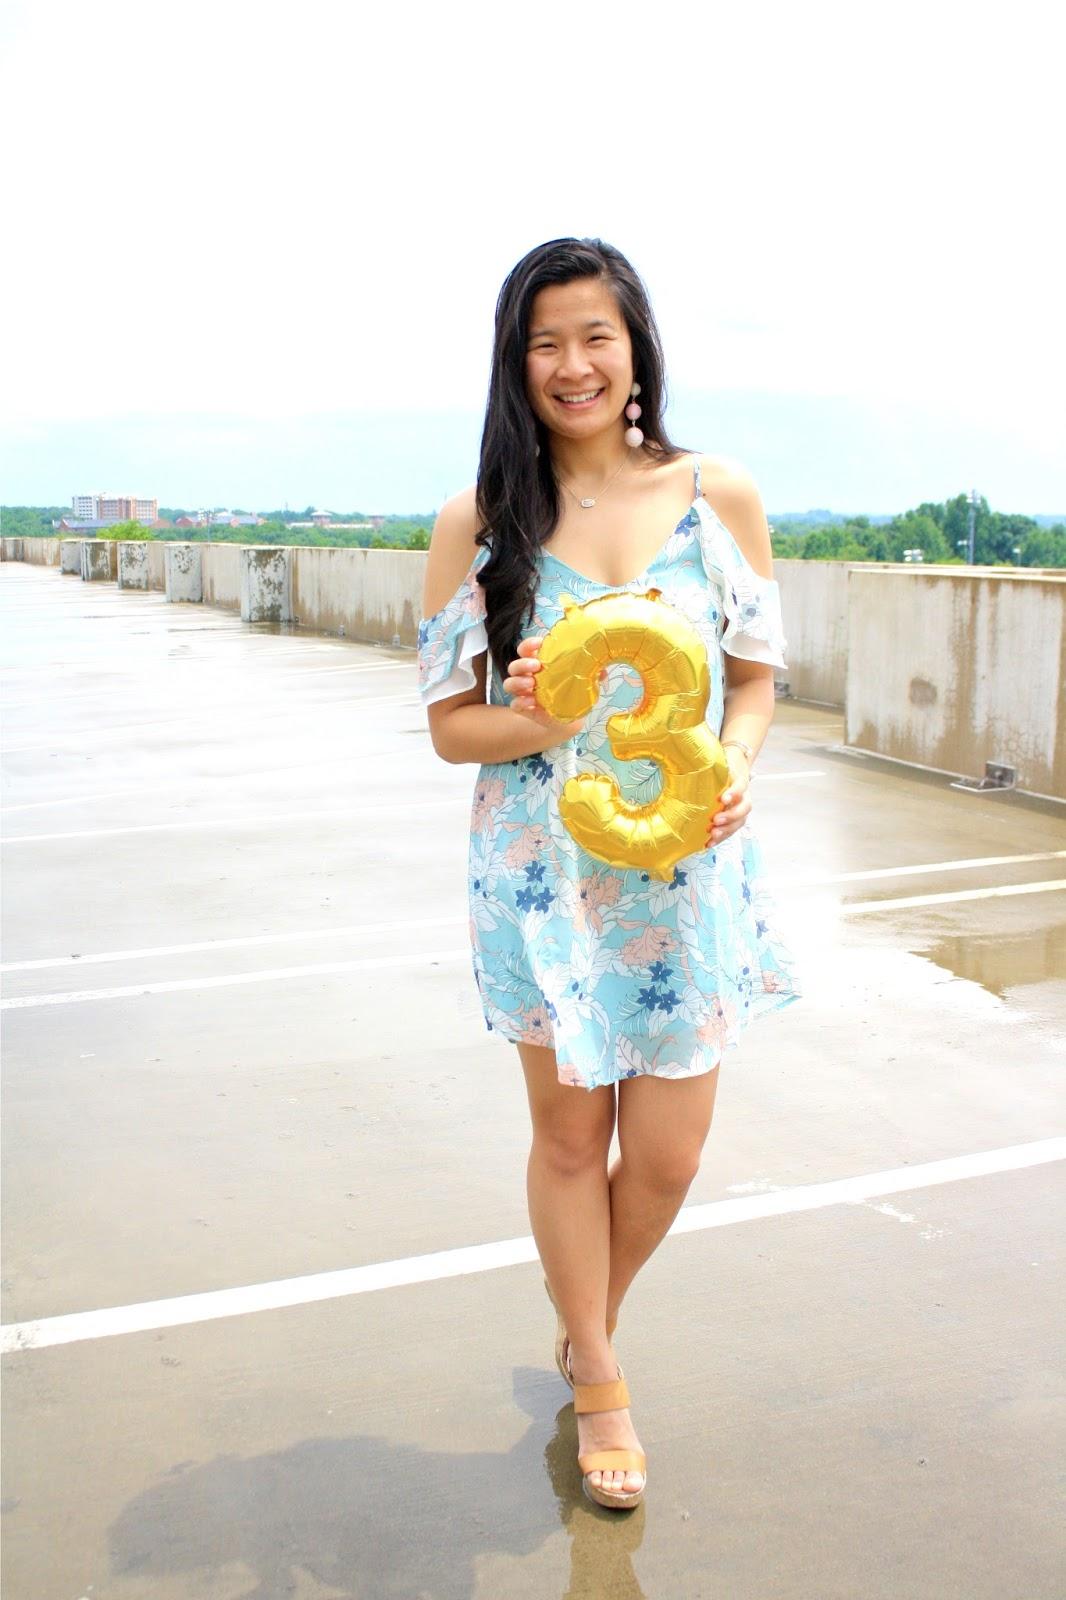 Celebrating 3 years!